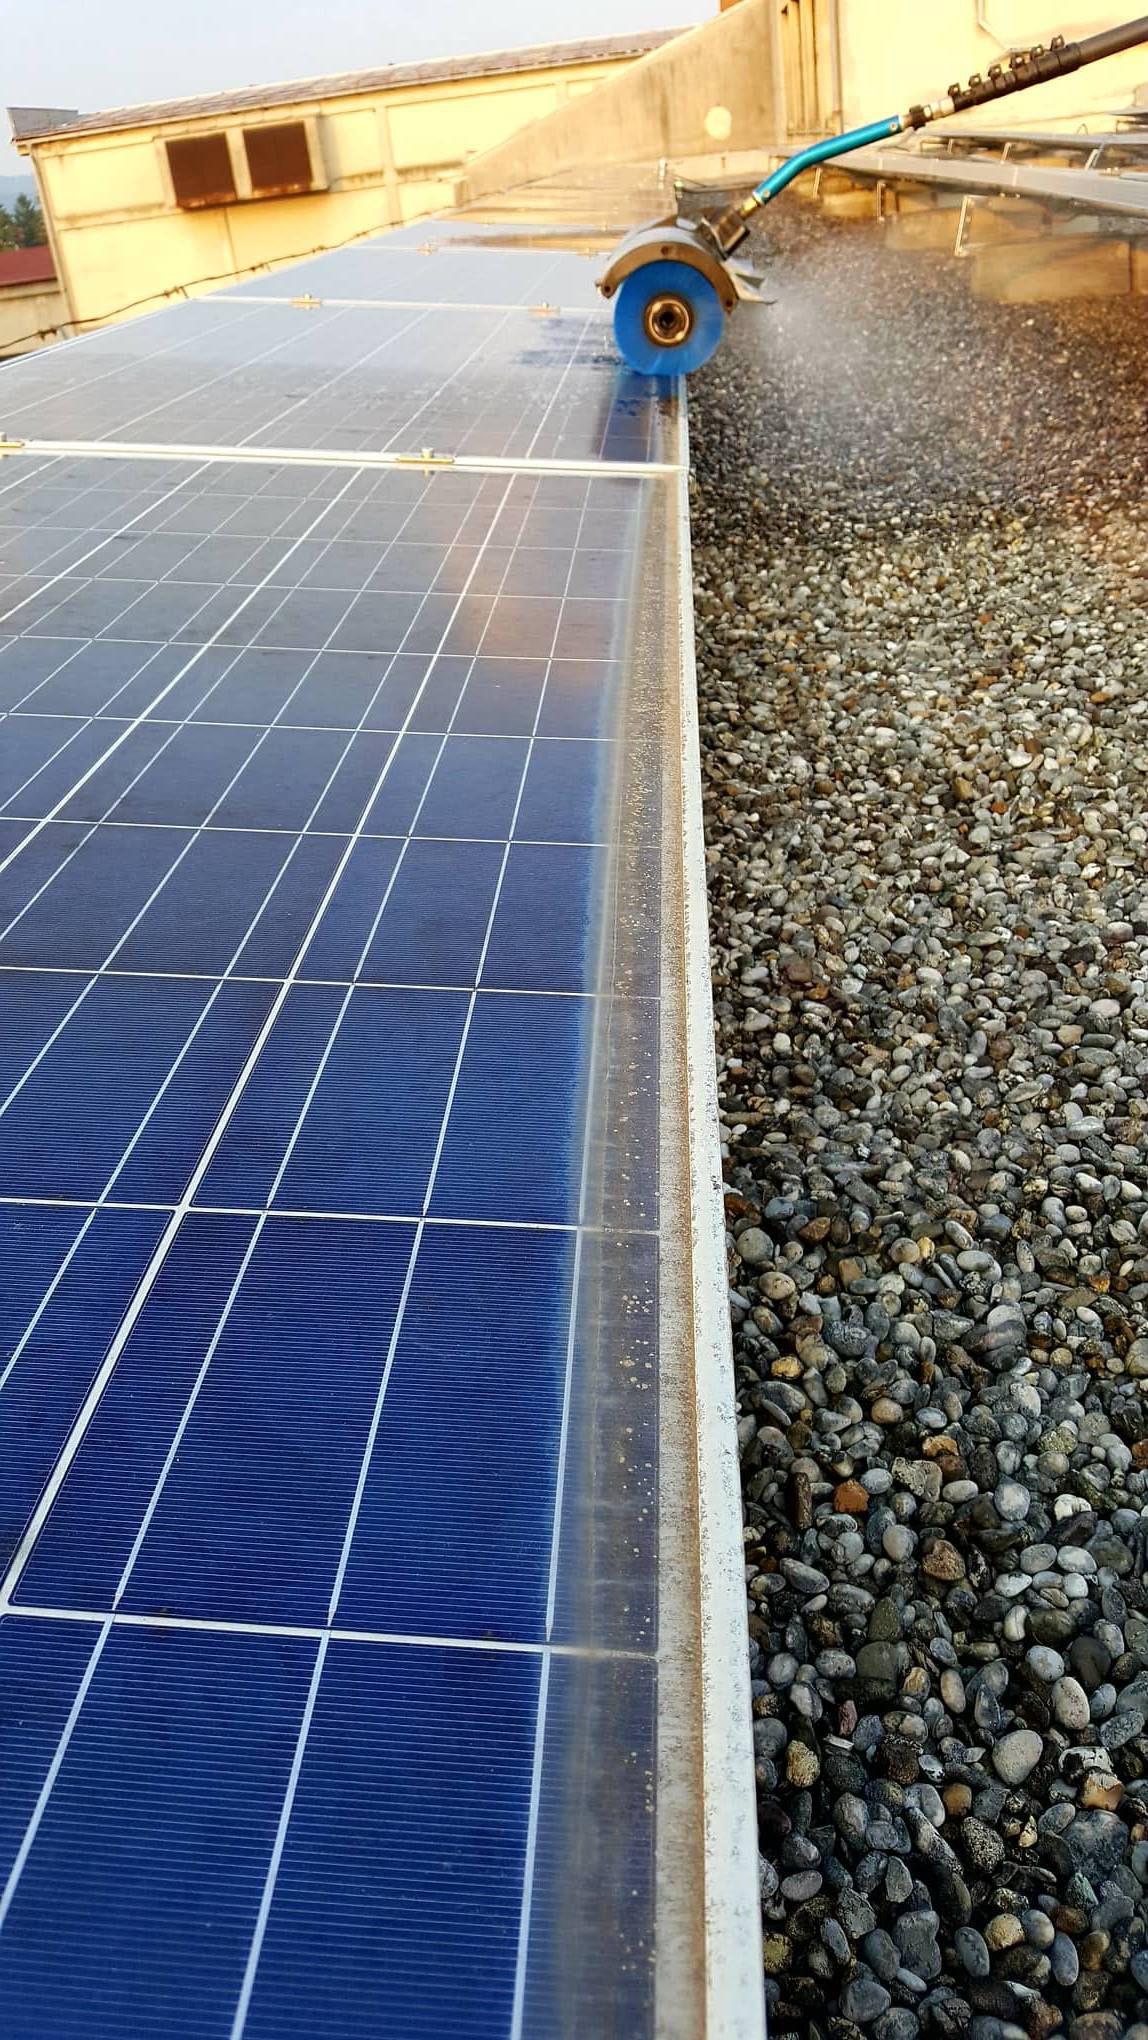 pranje sončnih elektrarn